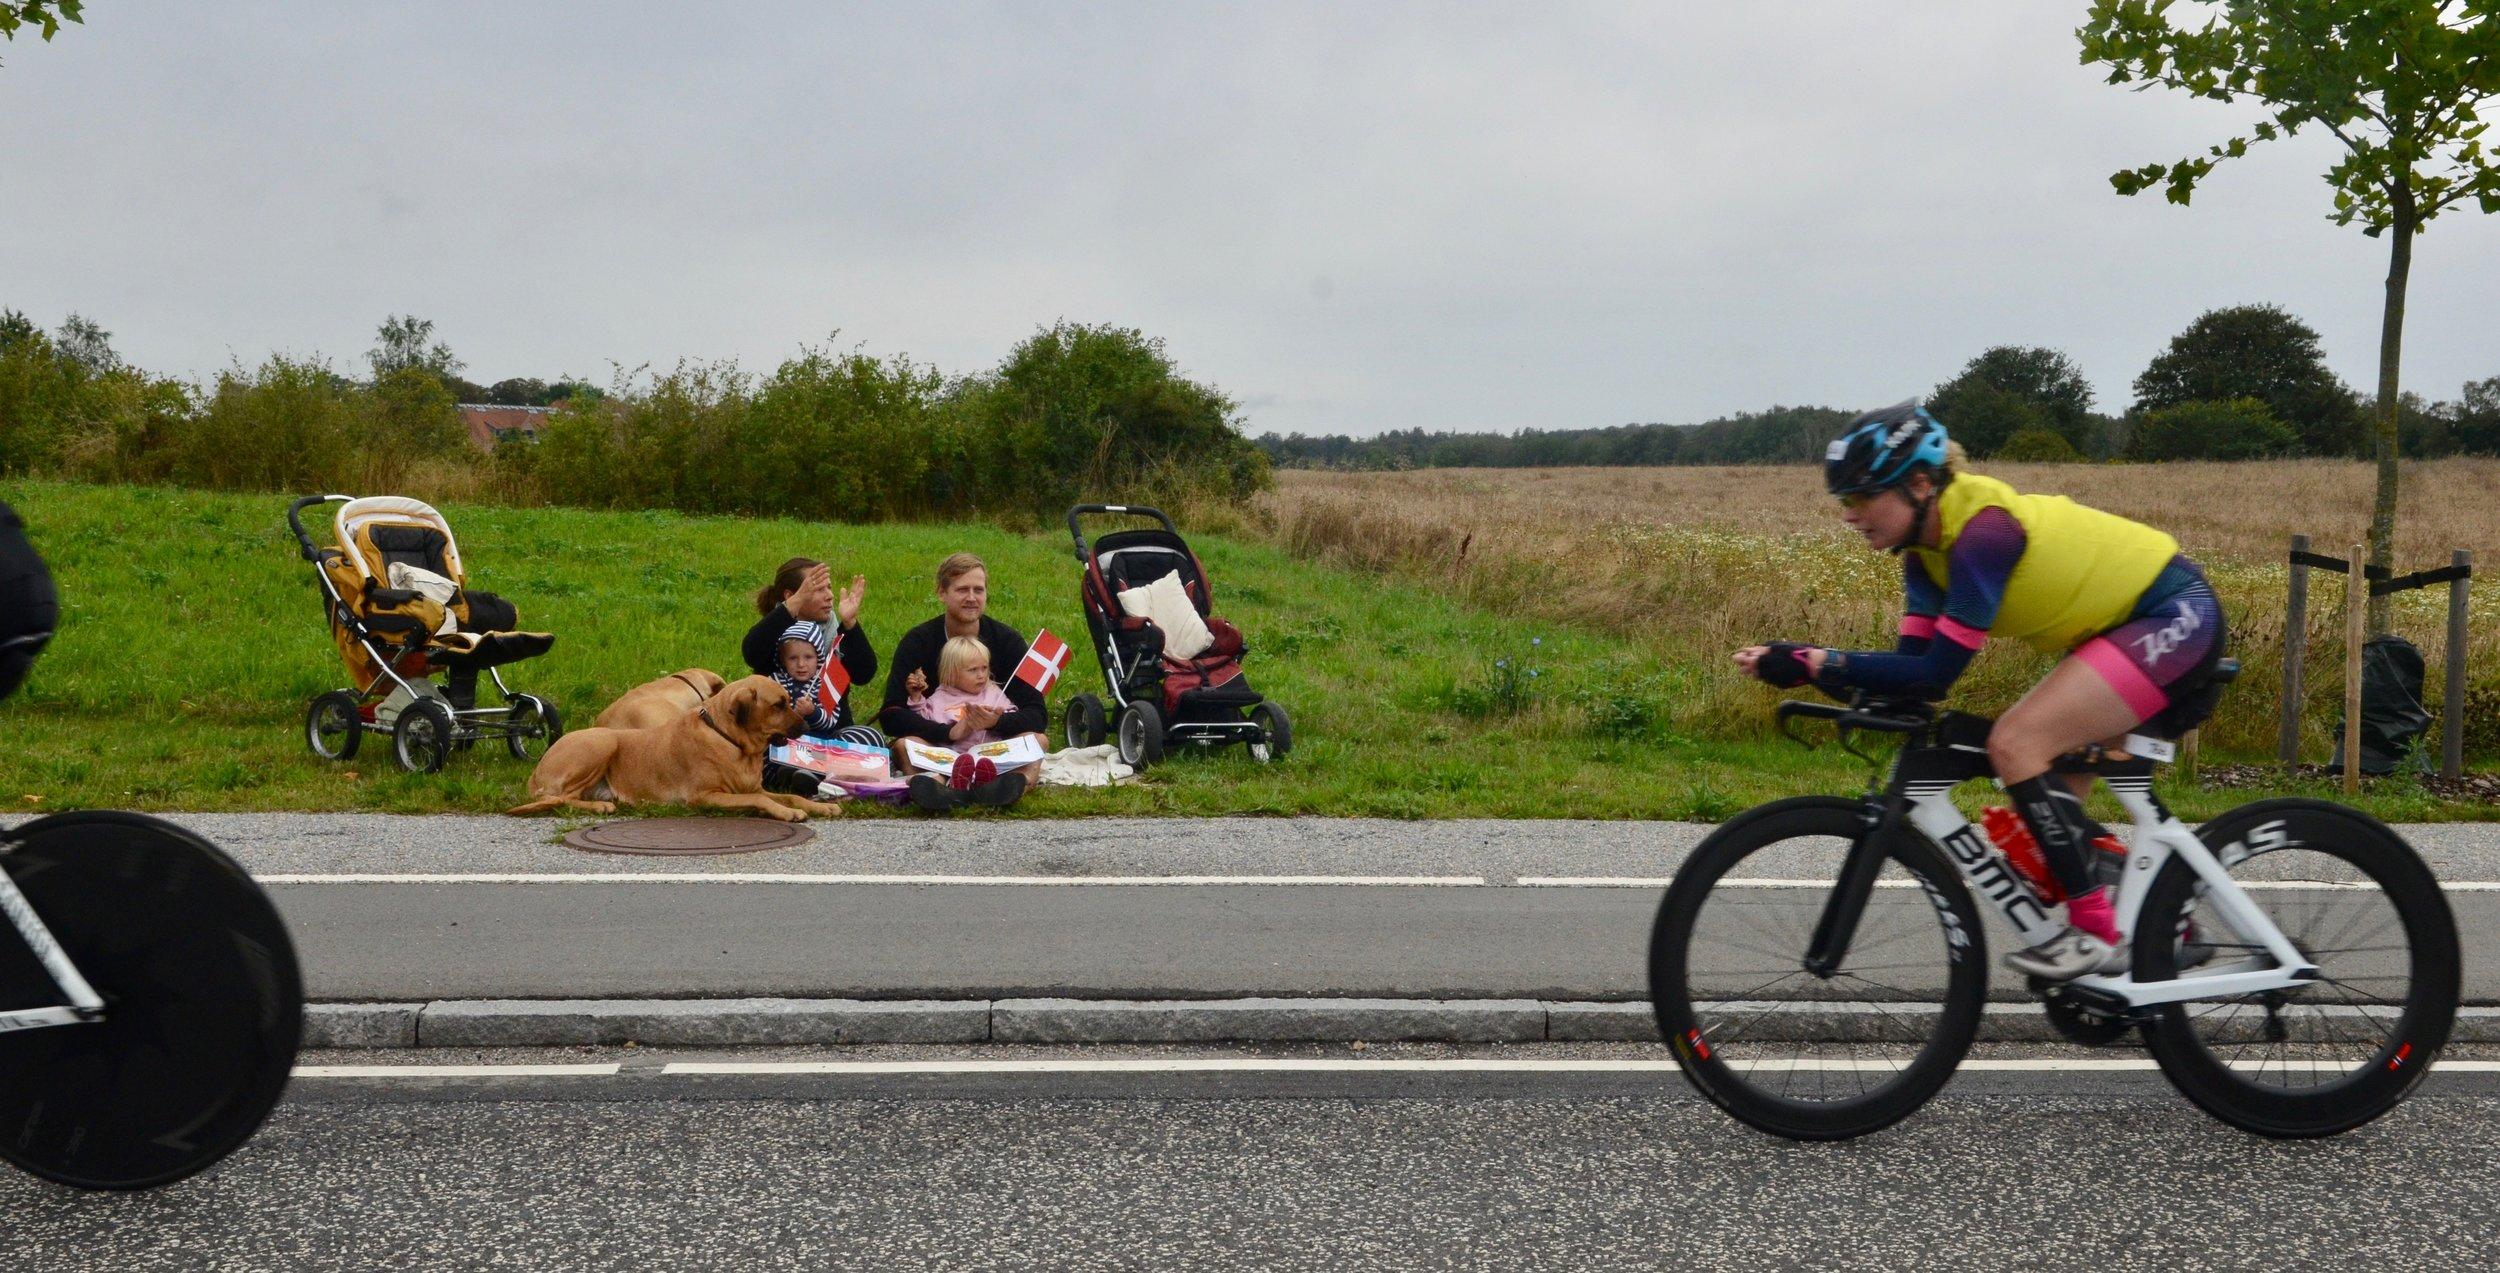 Mange Blovstrød-borgere havde i dagens anledning taget opstilling langs Kongevejen med børn og hunde for at følge Ironman-cykelløbet. Foto: AOB